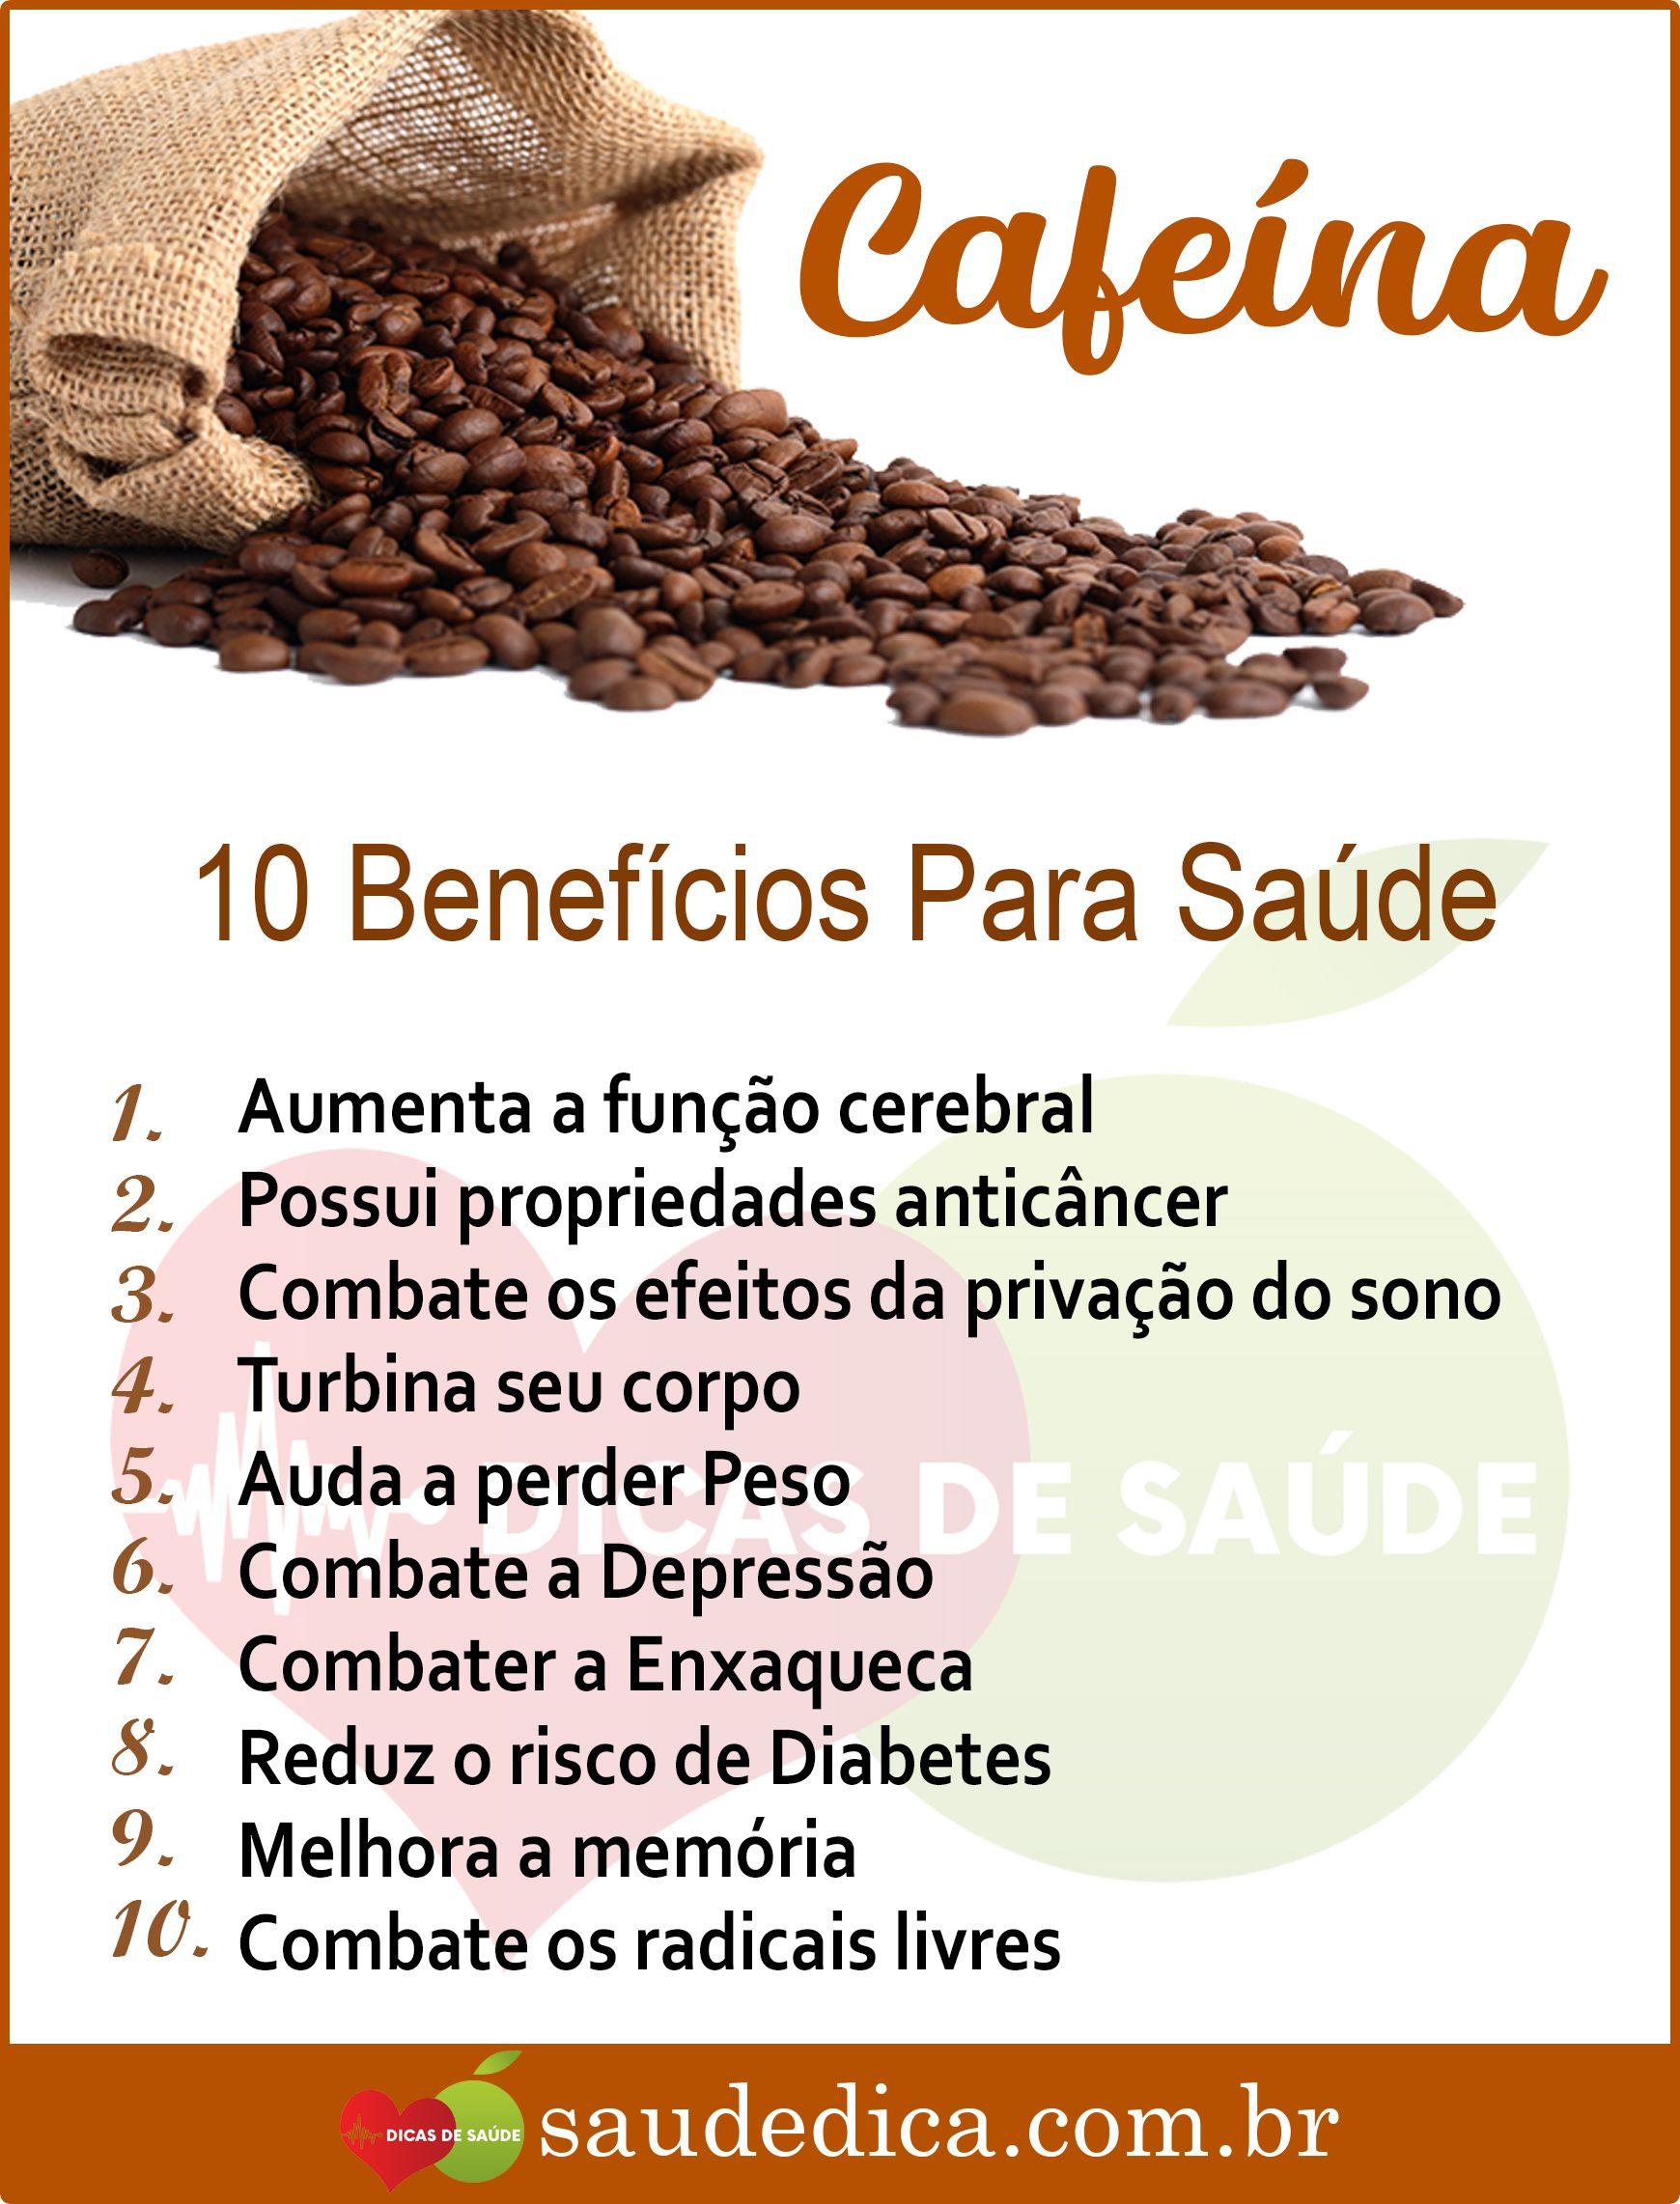 Os 10 Benefícios da Cafeína Para Saúde | Alimentação e saúde, Saúde, Saúde  e nutrição